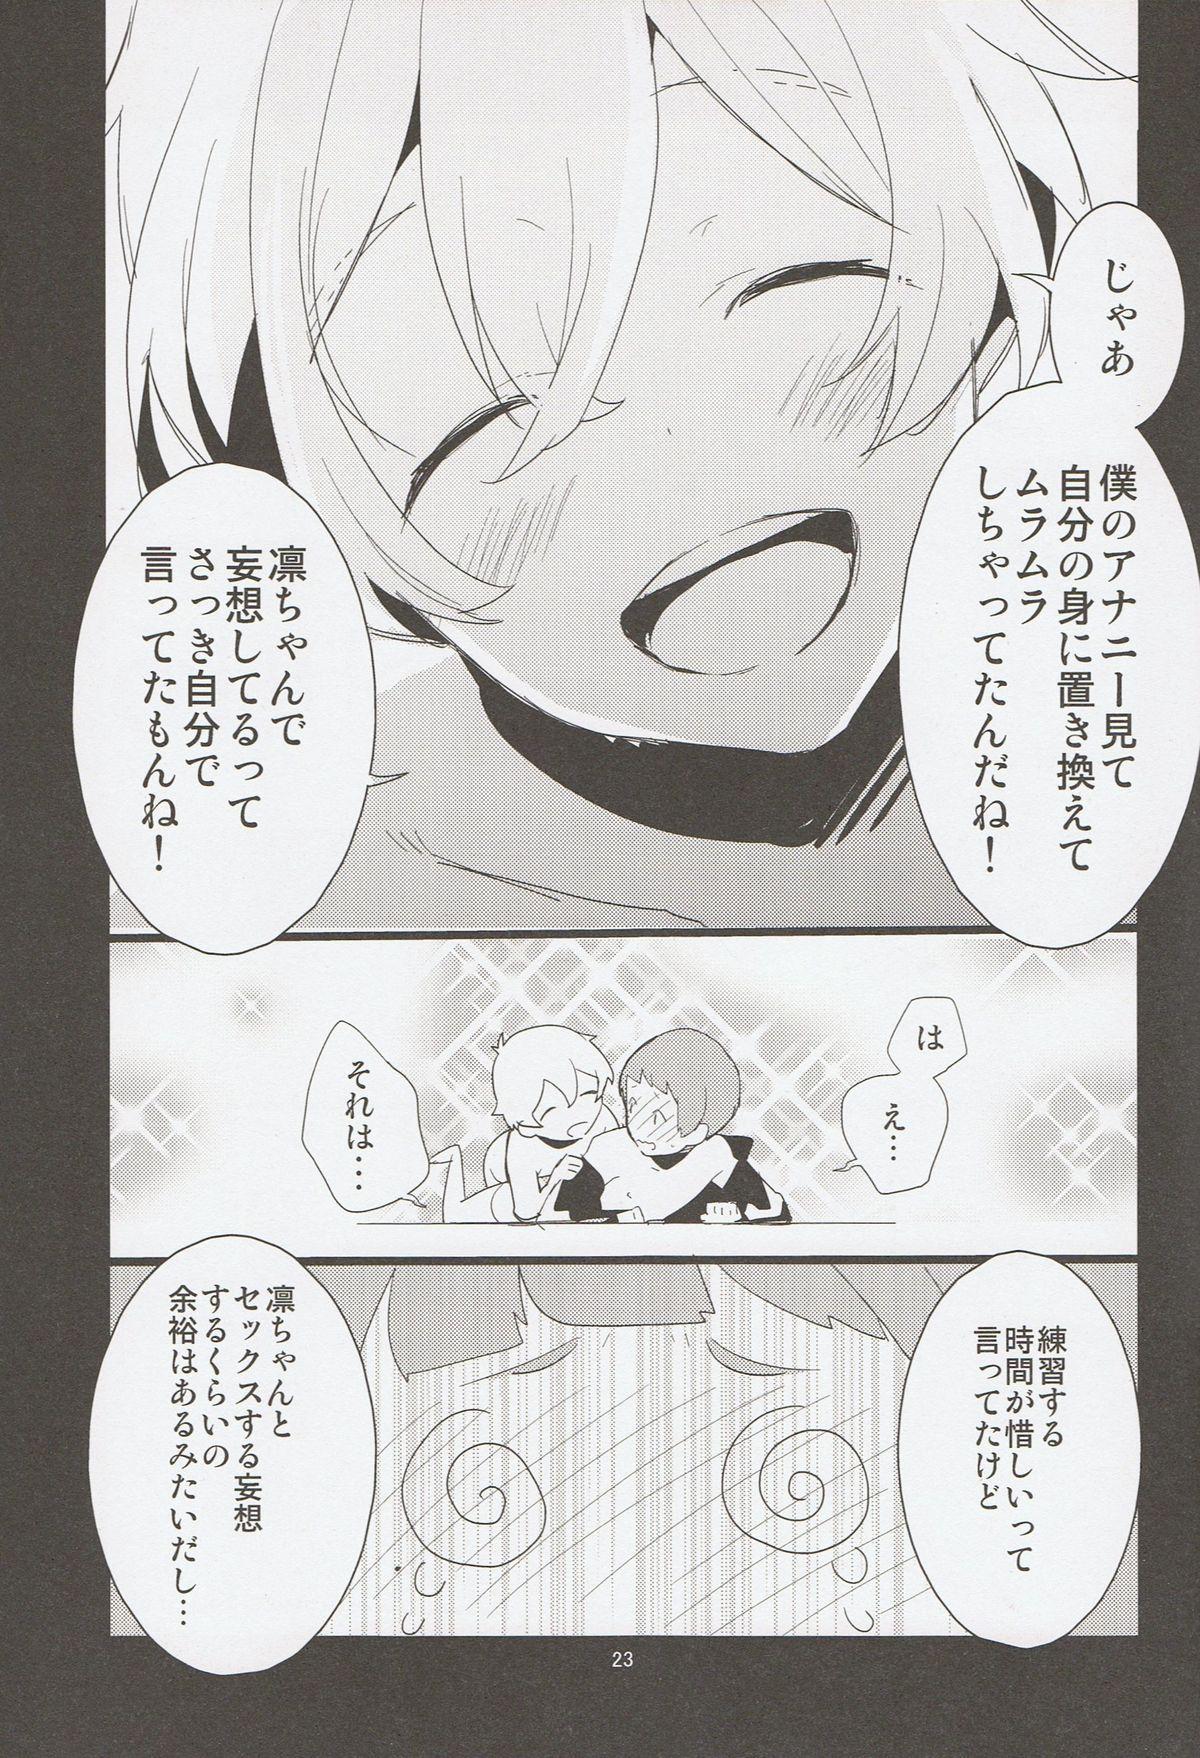 (C86) [MERYx3 (Numeri)] Nagisa-kun to Nitori-kun wo Muriyari Karamaseta Hon (Free!) 21